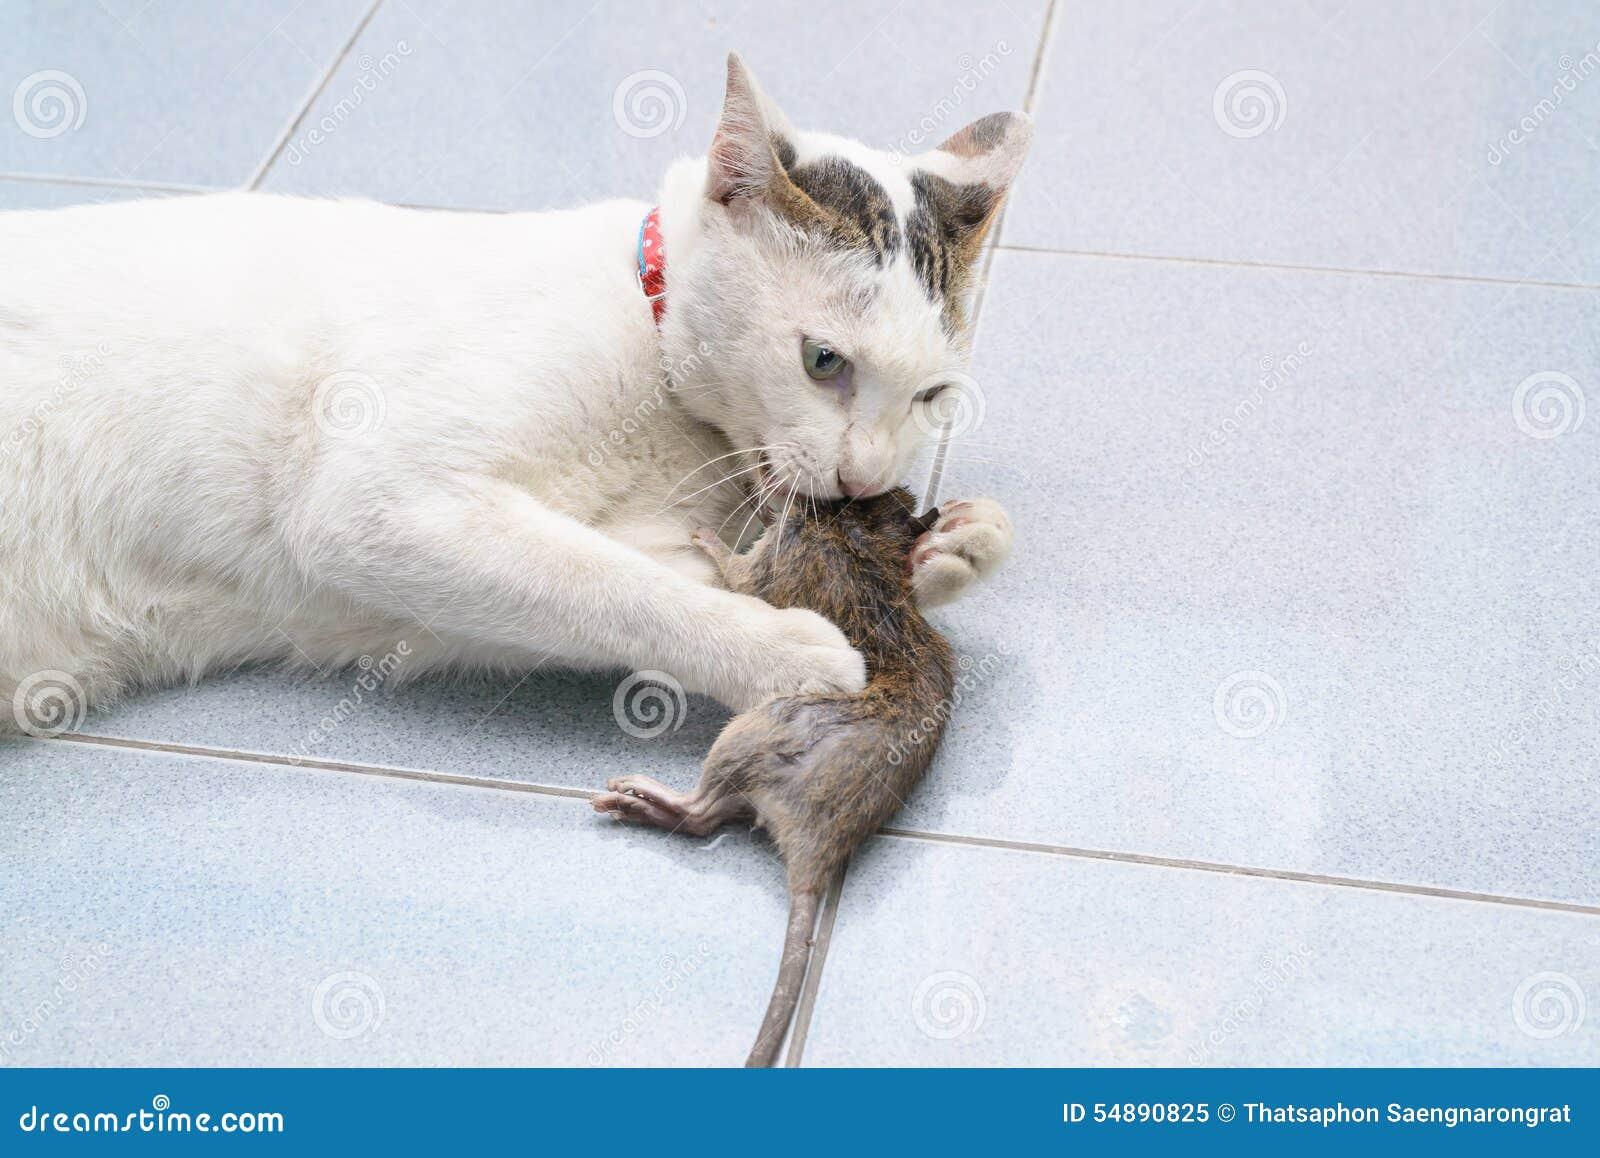 big cat rescue in arkansas